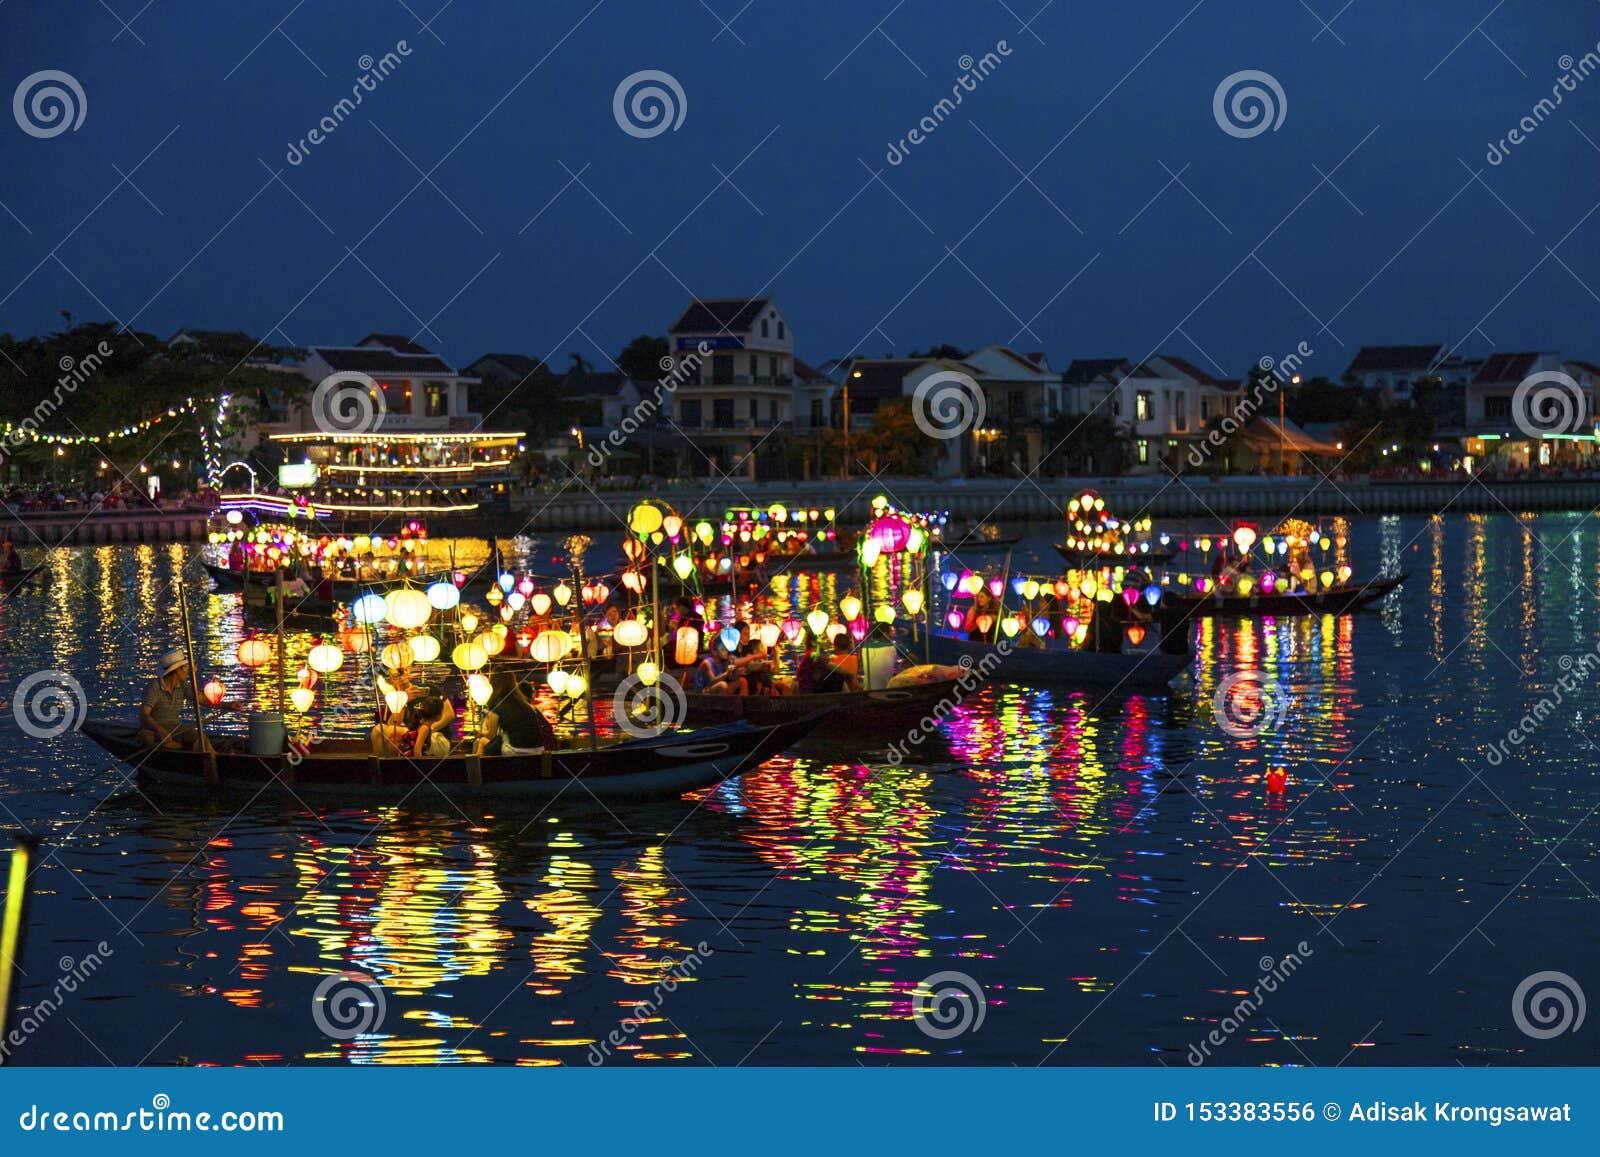 Hoi An, Vietnam - 25. JUNI 2019: Hoi An Ancient Town-Flussuferansicht mit traditionellen Booten, Hoi An wird als UNESCO erkannt